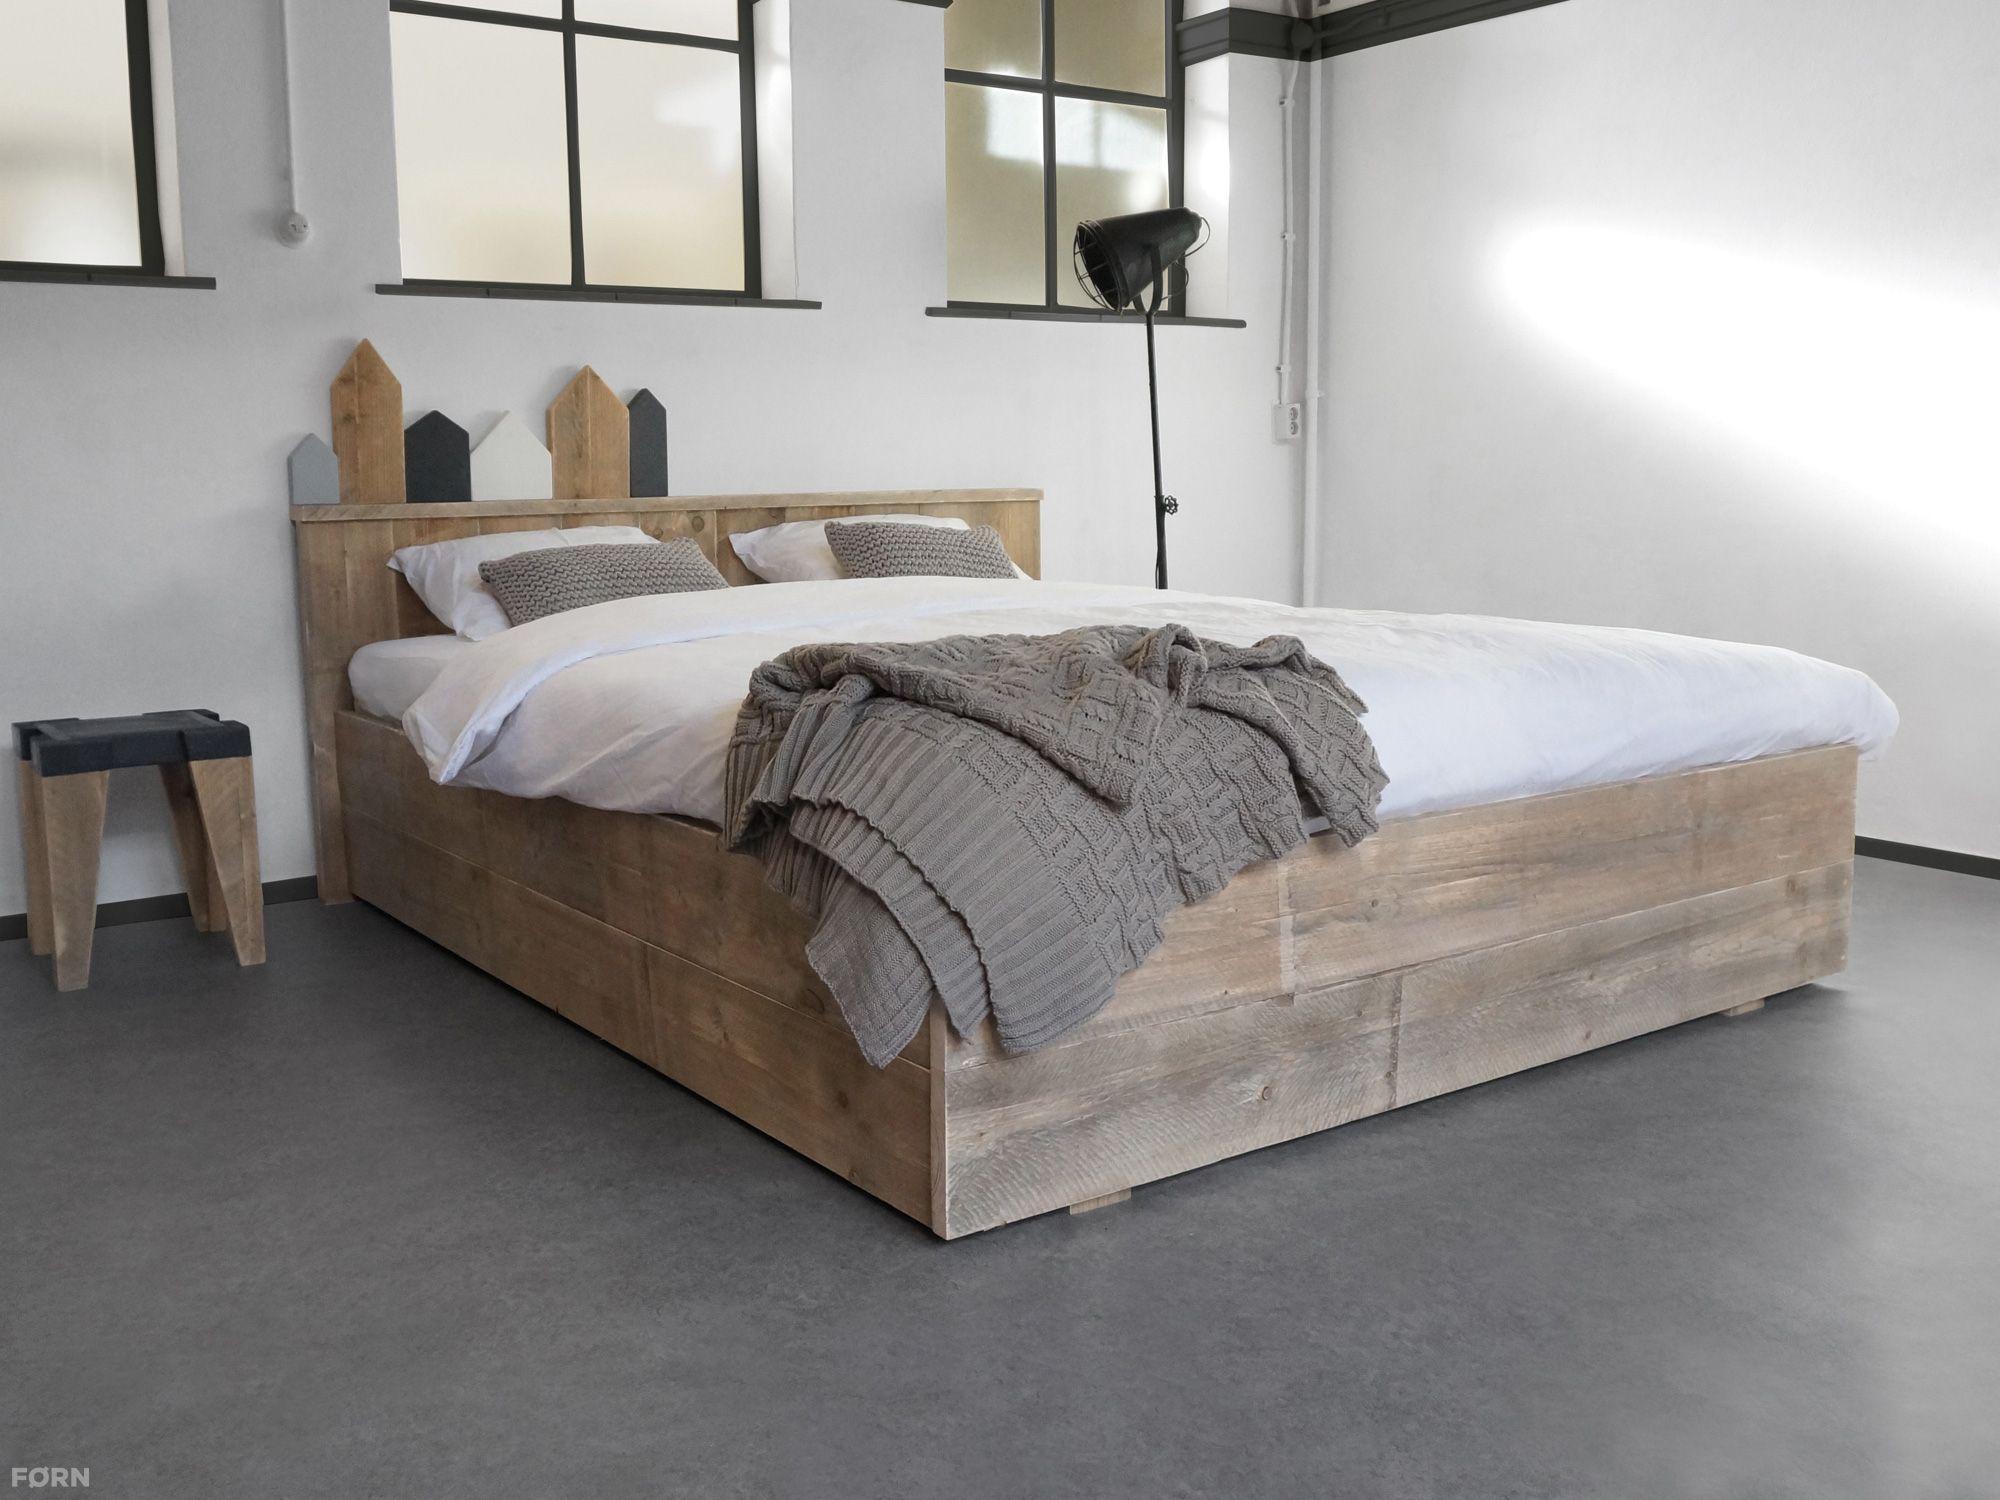 Steigerhout Muur Slaapkamer : 2 persoonsbed geert steigerhout for the home pinterest